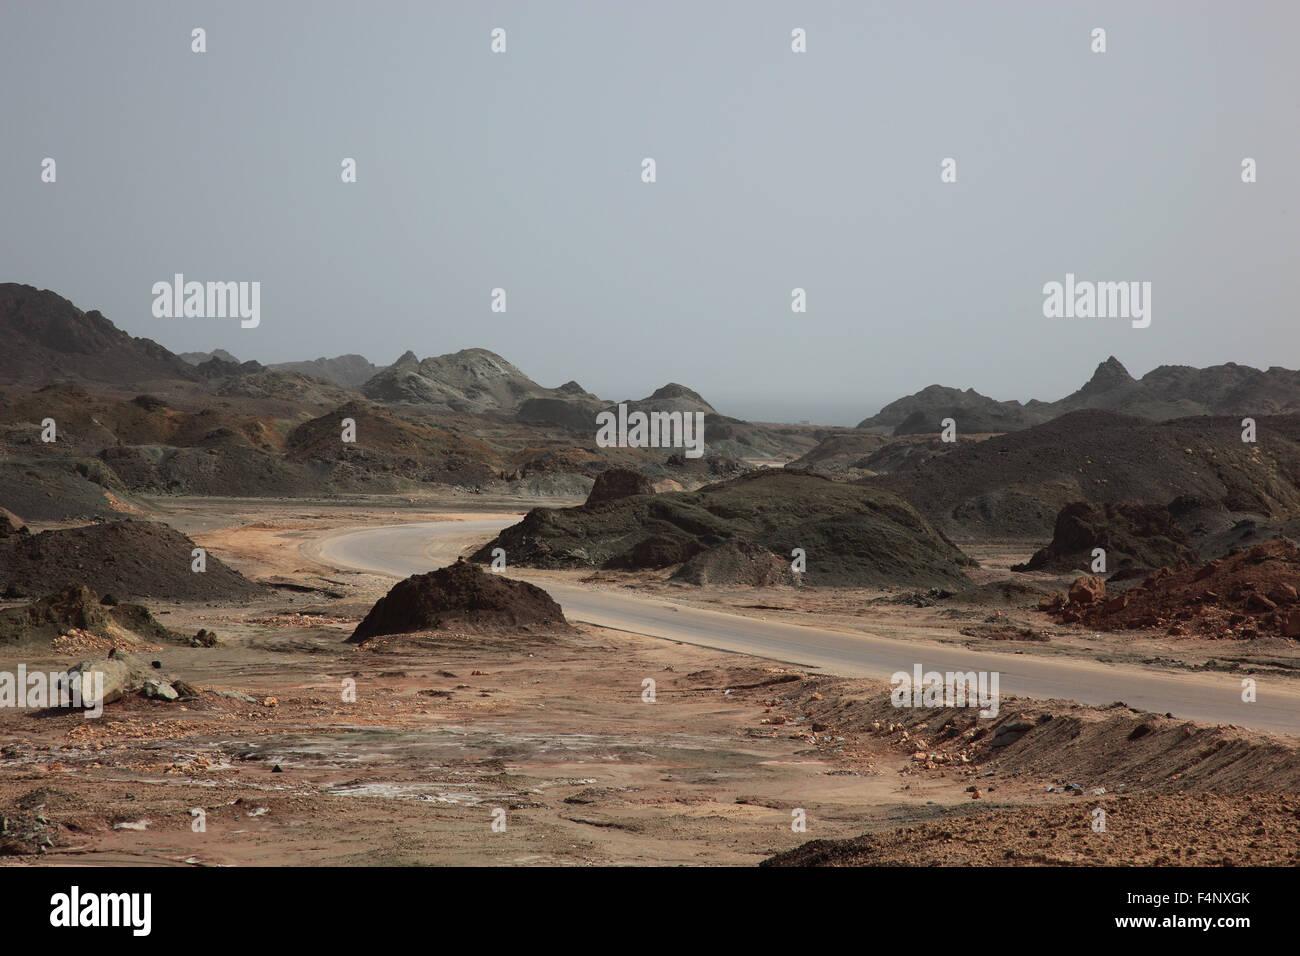 Paysages de la région de la chaîne de montagnes du Dhofar, au sud de l'Oman Photo Stock